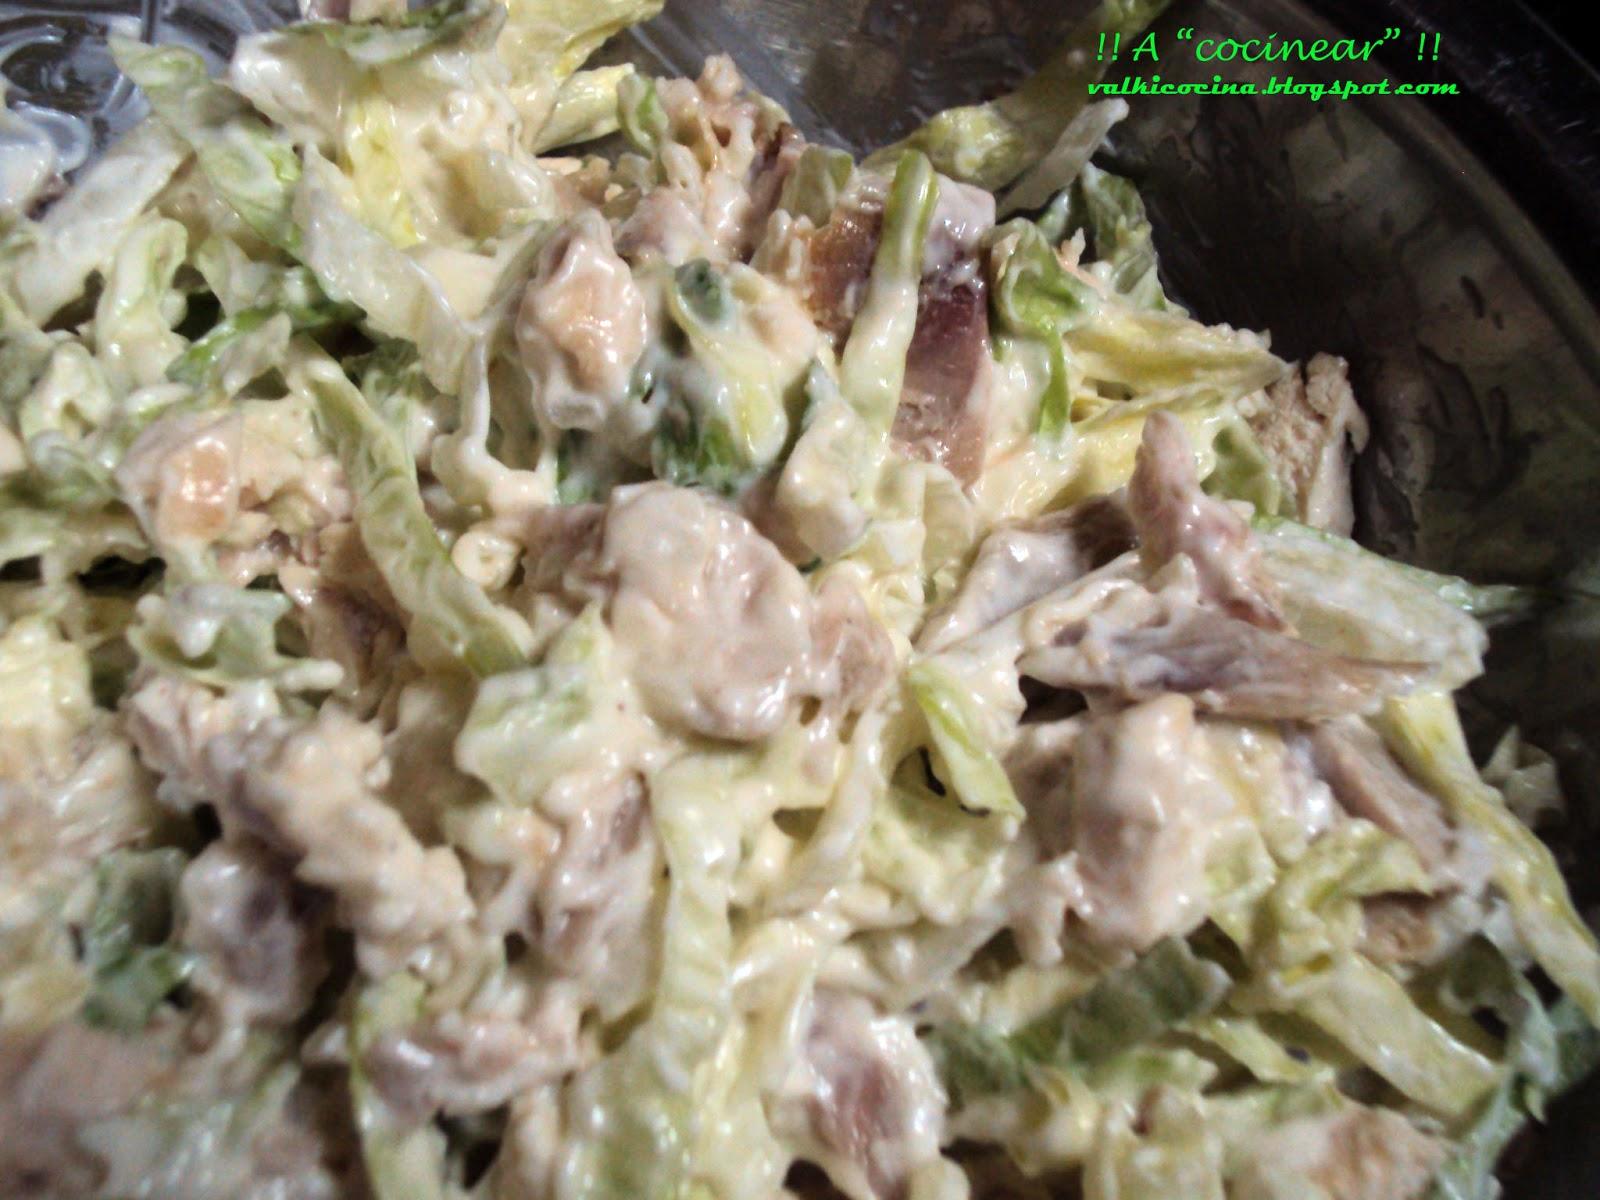 S ndwich de pollo especial a cocinear recetas - Diferentes ensaladas de lechuga ...